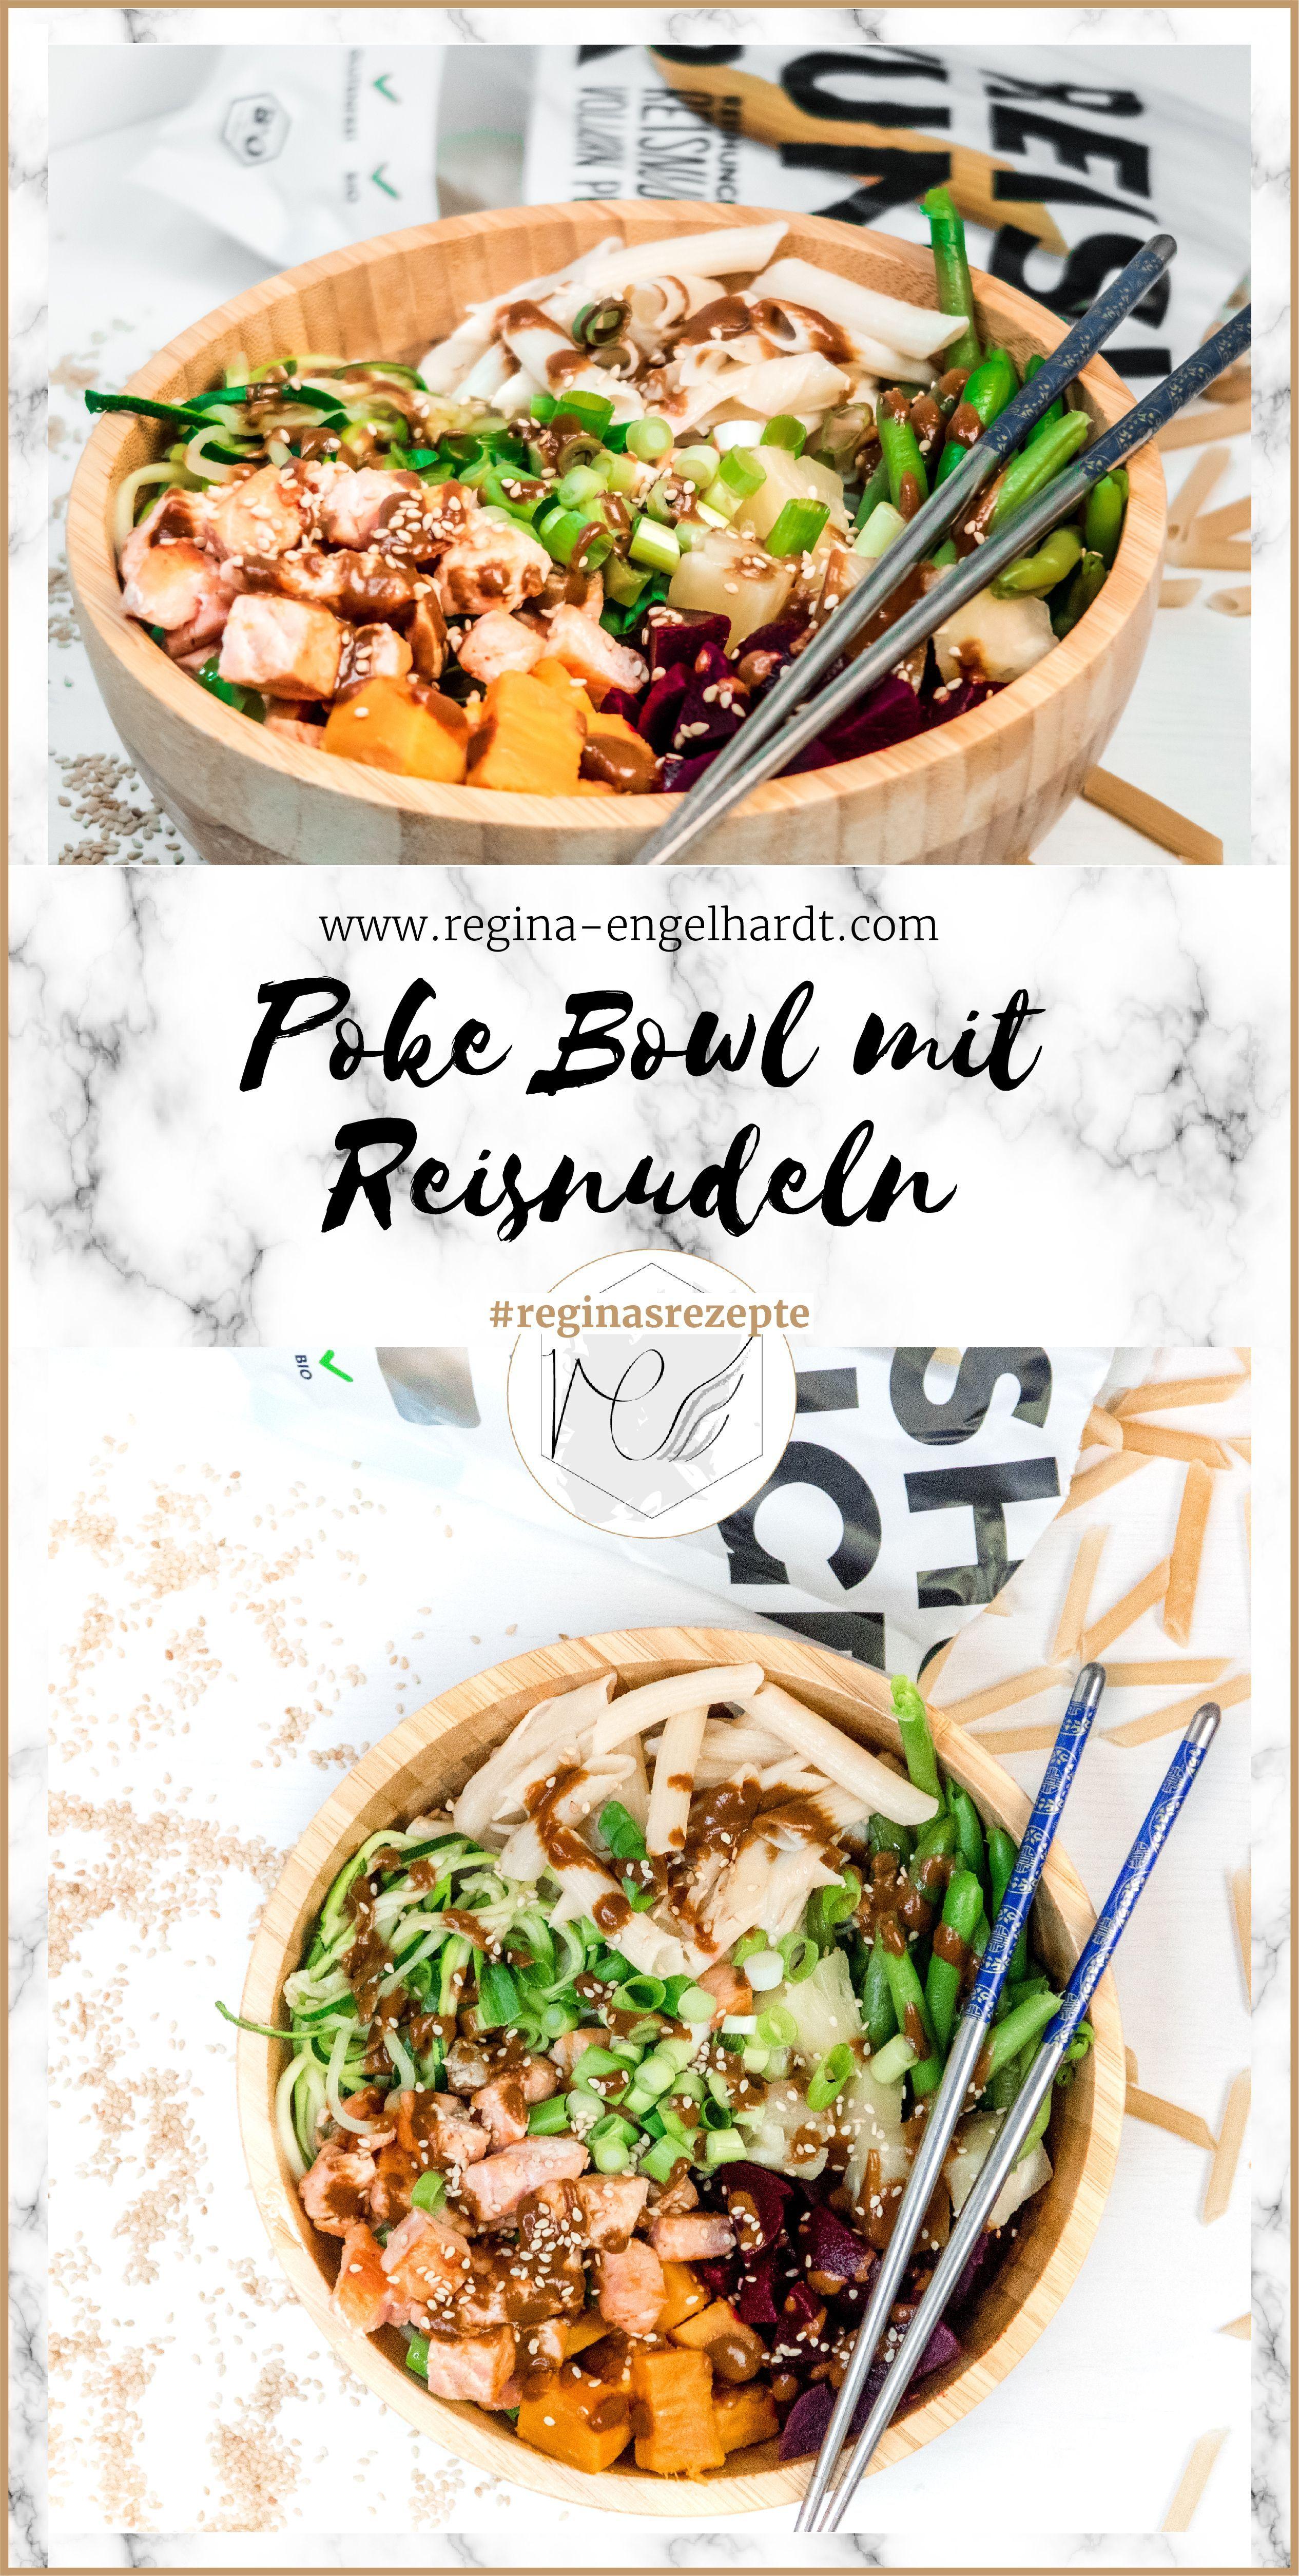 Bowl mit Reisnudeln - Reginas Fitness Rezepte Poke Bowl mit Reisnudeln Rezept Die Poke Bowl ist ein hawaiianisches Nationalgericht und besteht in der Regal aus Sushi-Reis, Gemüse, Obst und rohem Fisch. Die Variante, die ich euch jetzt zeige, wird nicht auf der Basis von Sushi-Reis, sondern Reisnudeln, zubereitet....